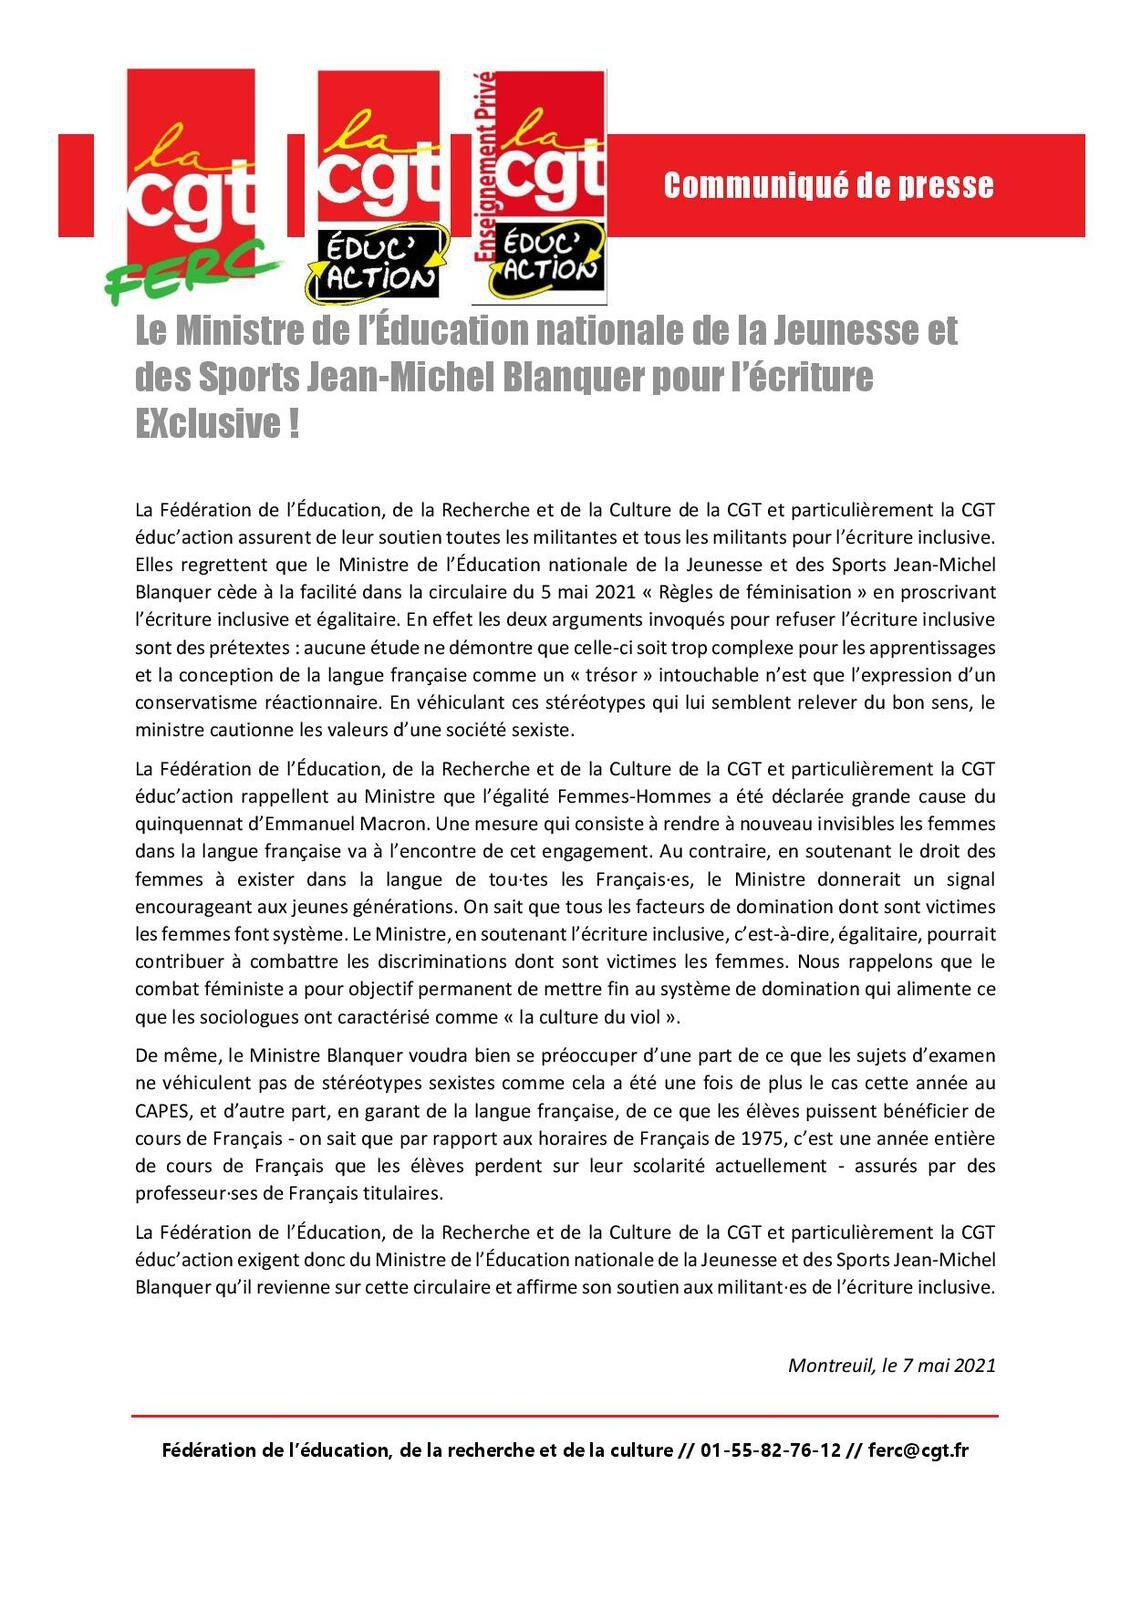 Le Ministre de l'Education nationale de la Jeunesse et des Sports Jean-Michel Blanquer pour l'écriture EXclusive